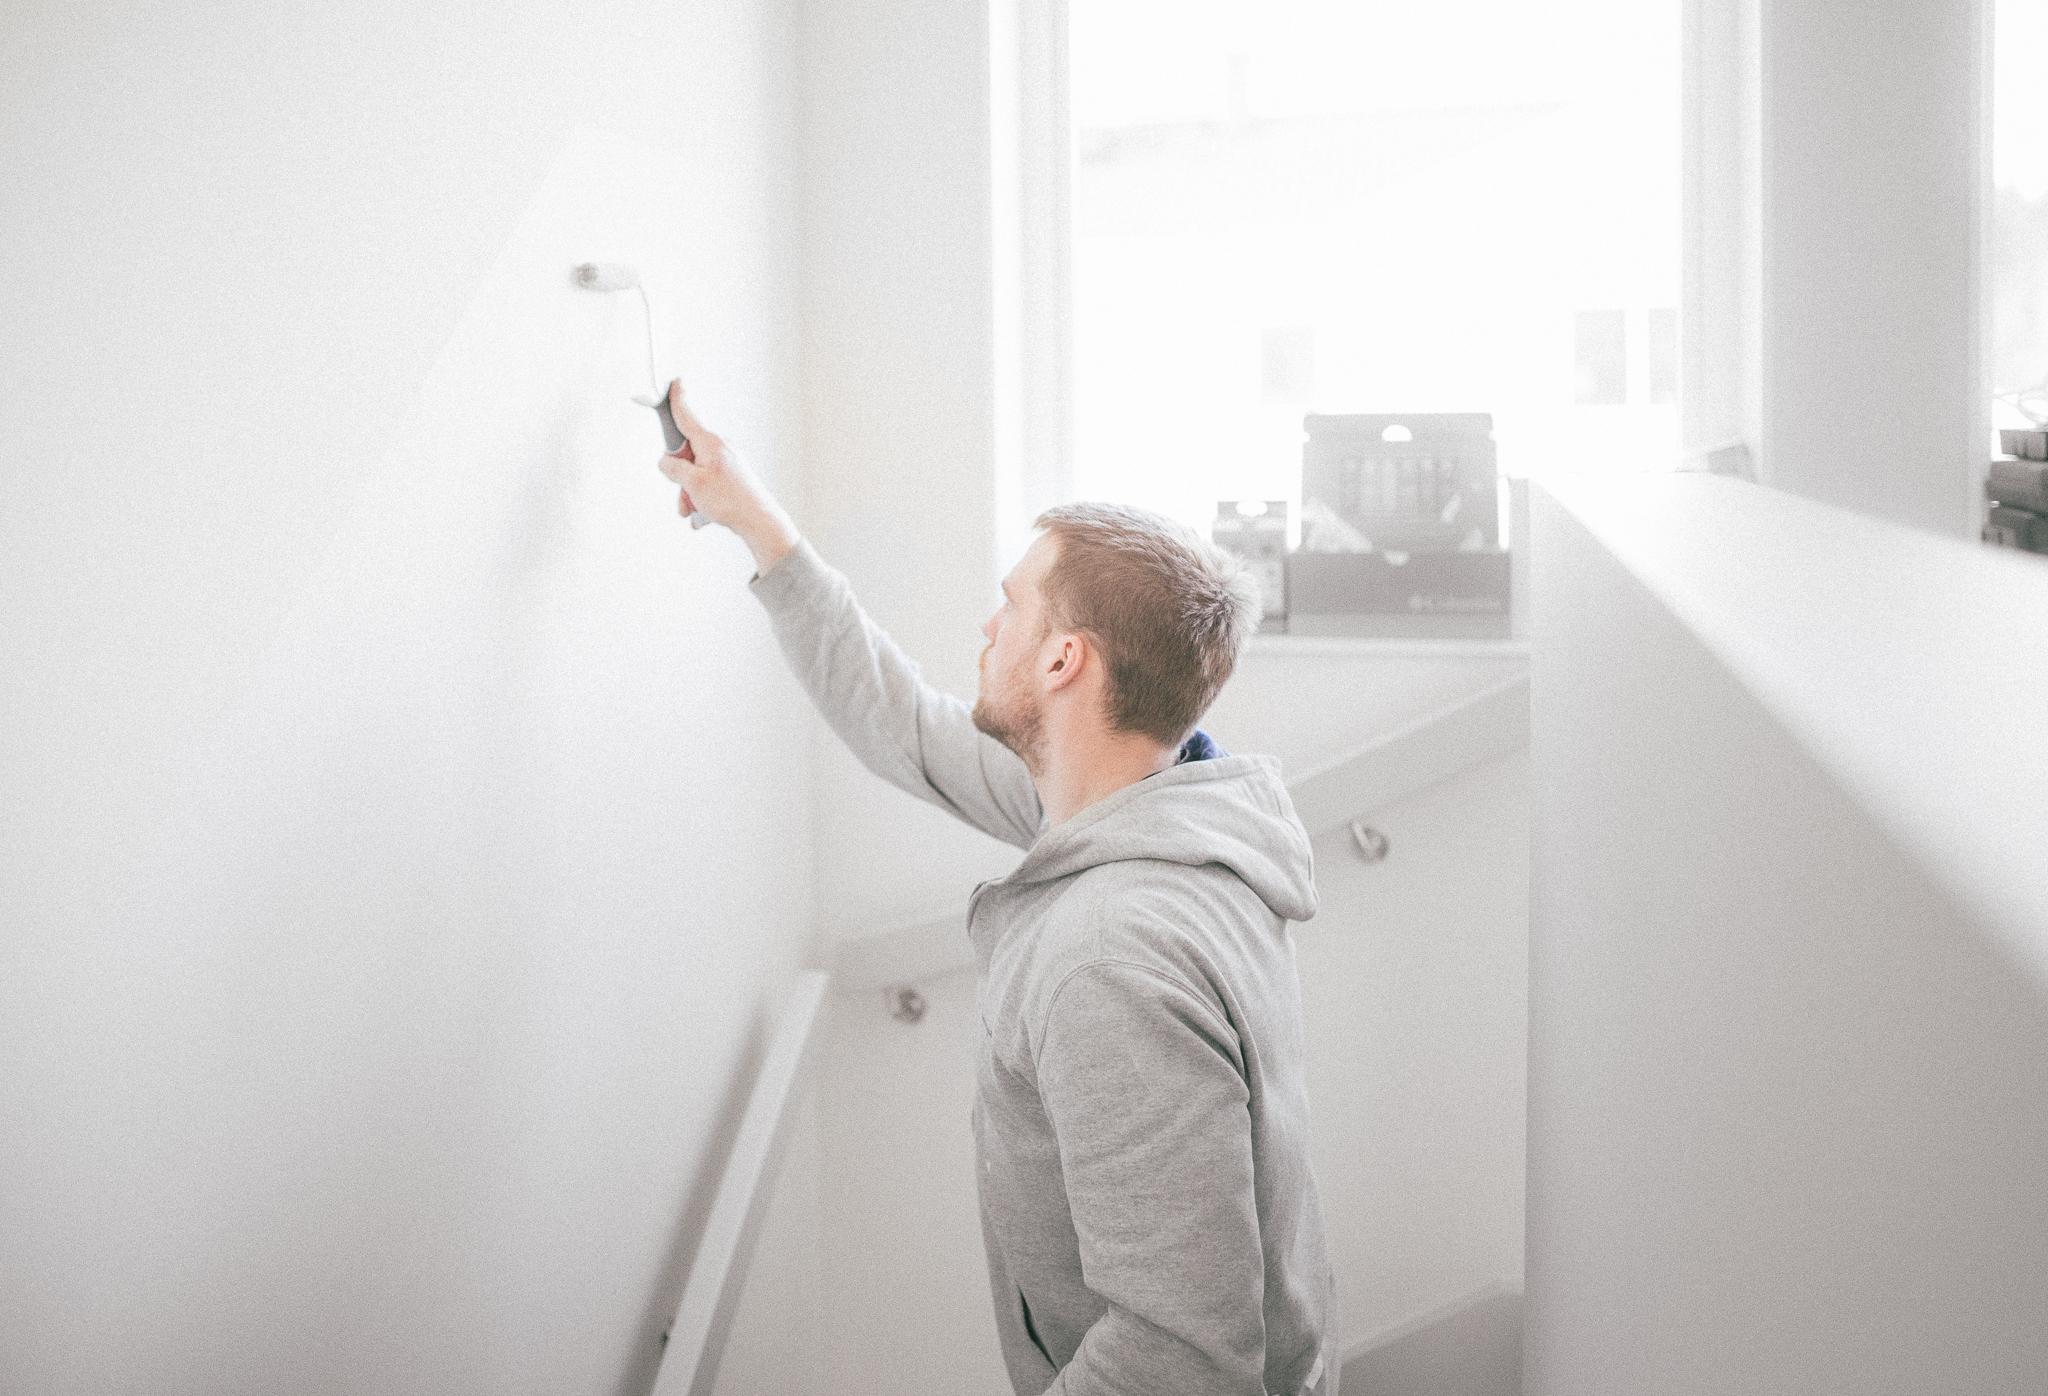 Kompletteringsmålning av väggar och lister samt annat småfix har pågått ett par dagar, men nu är nästan allt klart!